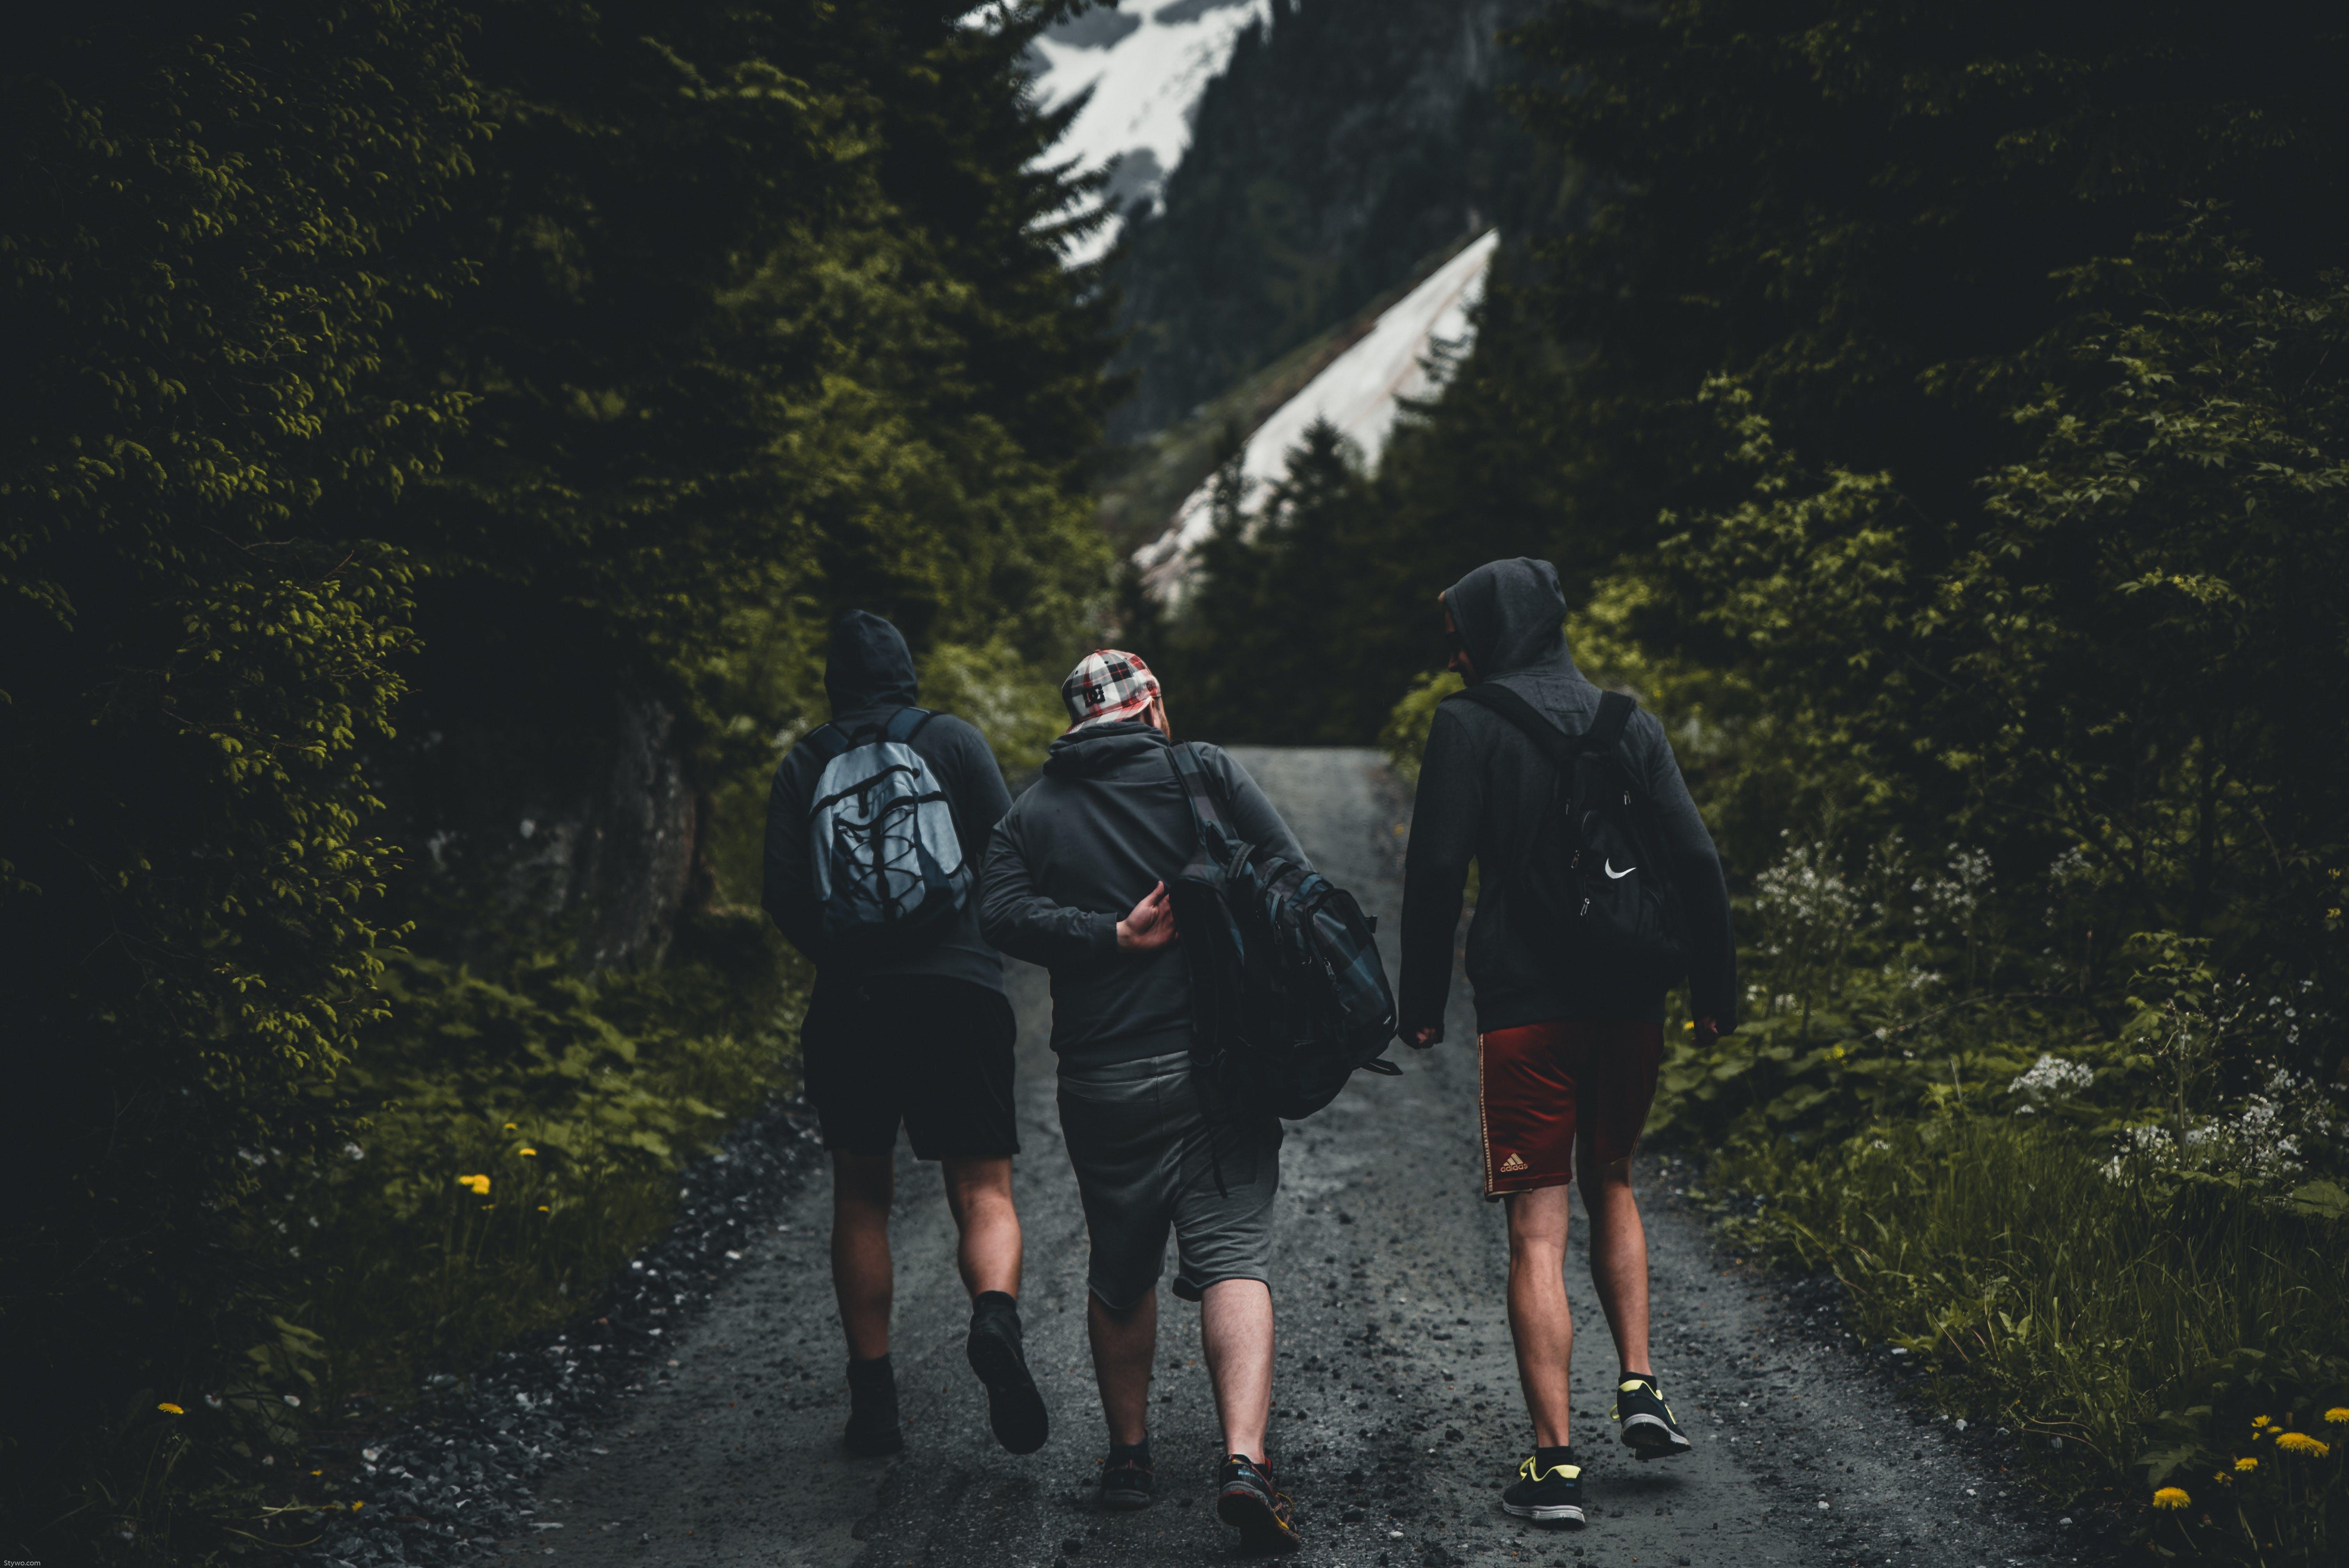 Immagine gratuita di adulto, alberi, amici, avventura